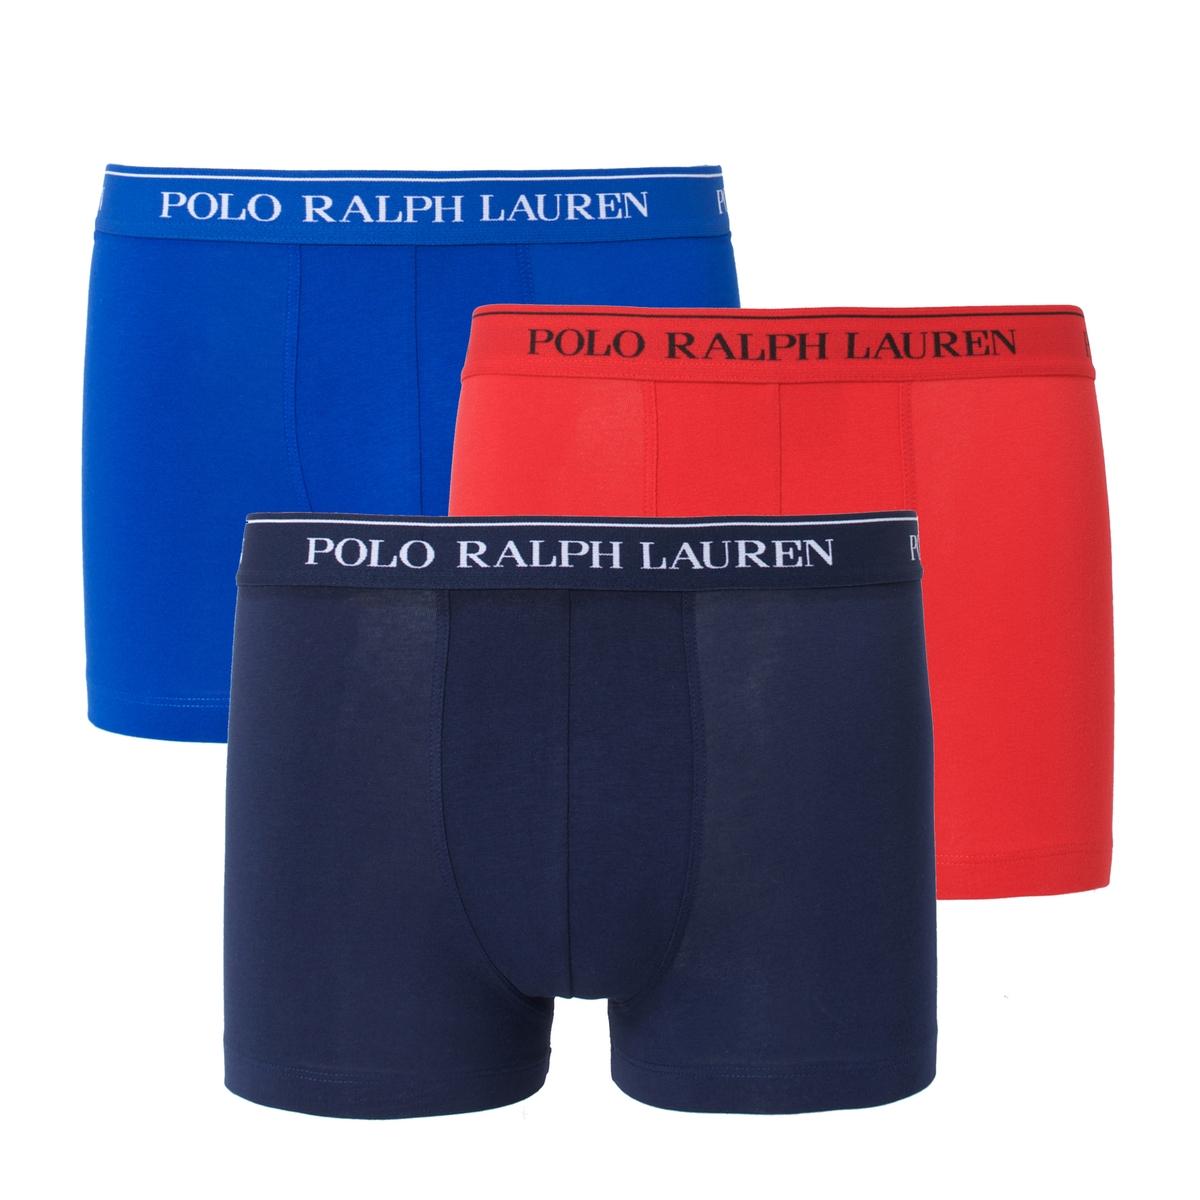 3 трусов-боксеров однотонных POLO RALPH LAUREN